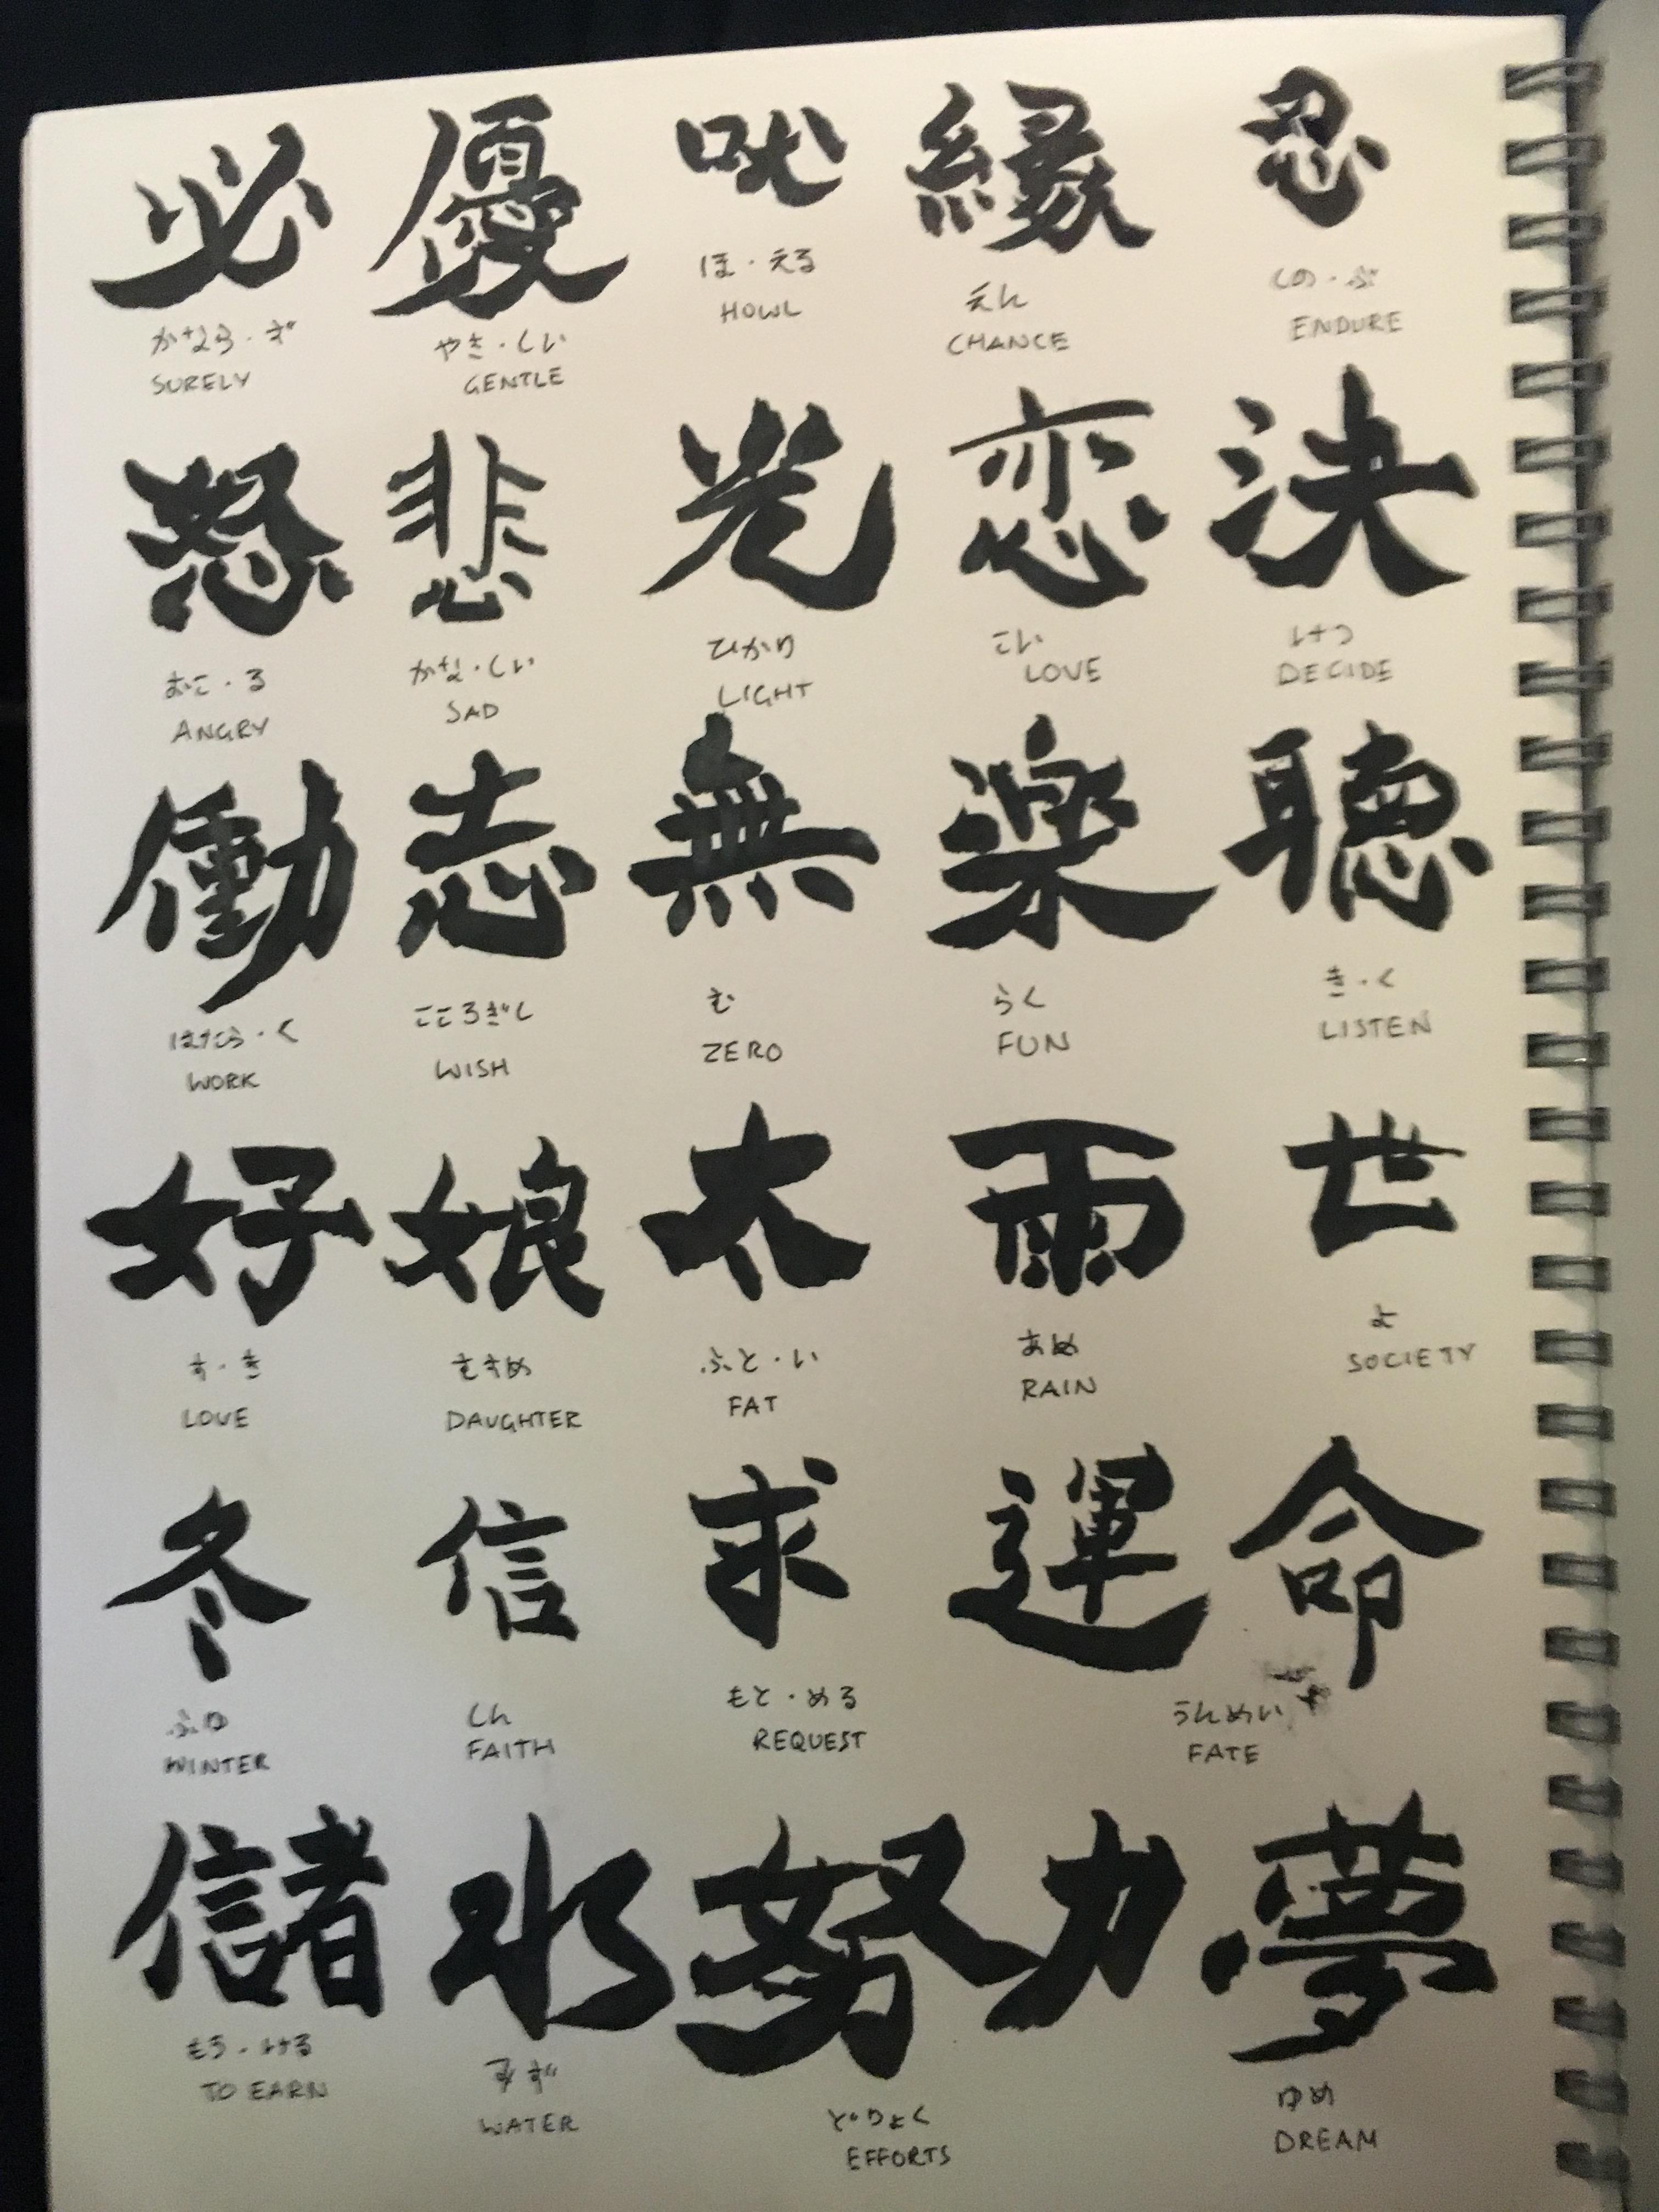 Practice Drawing Kanji